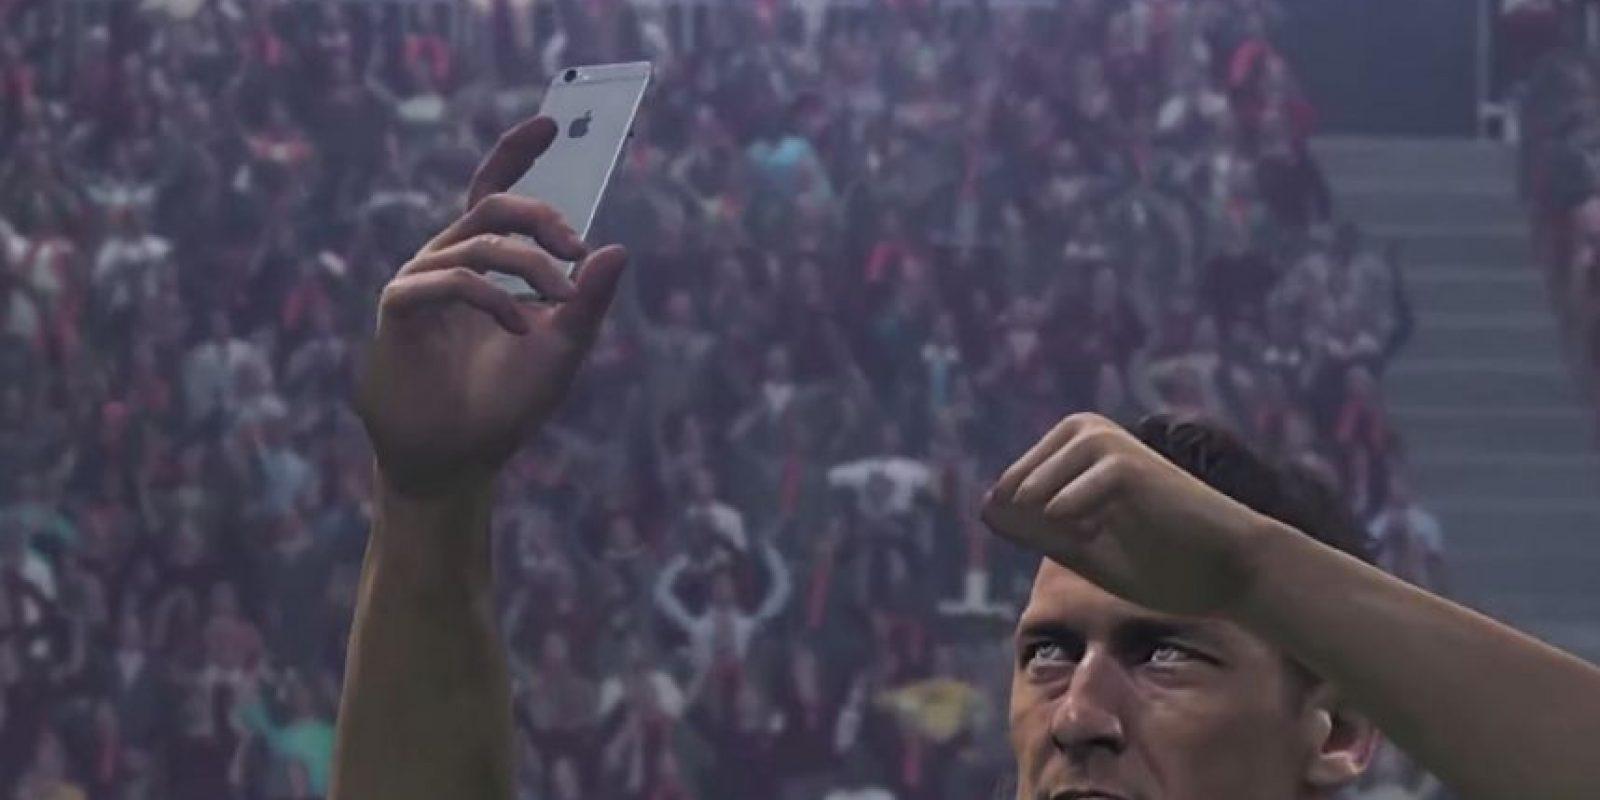 El italiano Francesco Totti tomándose un selfie en el festejo. Foto:Konami